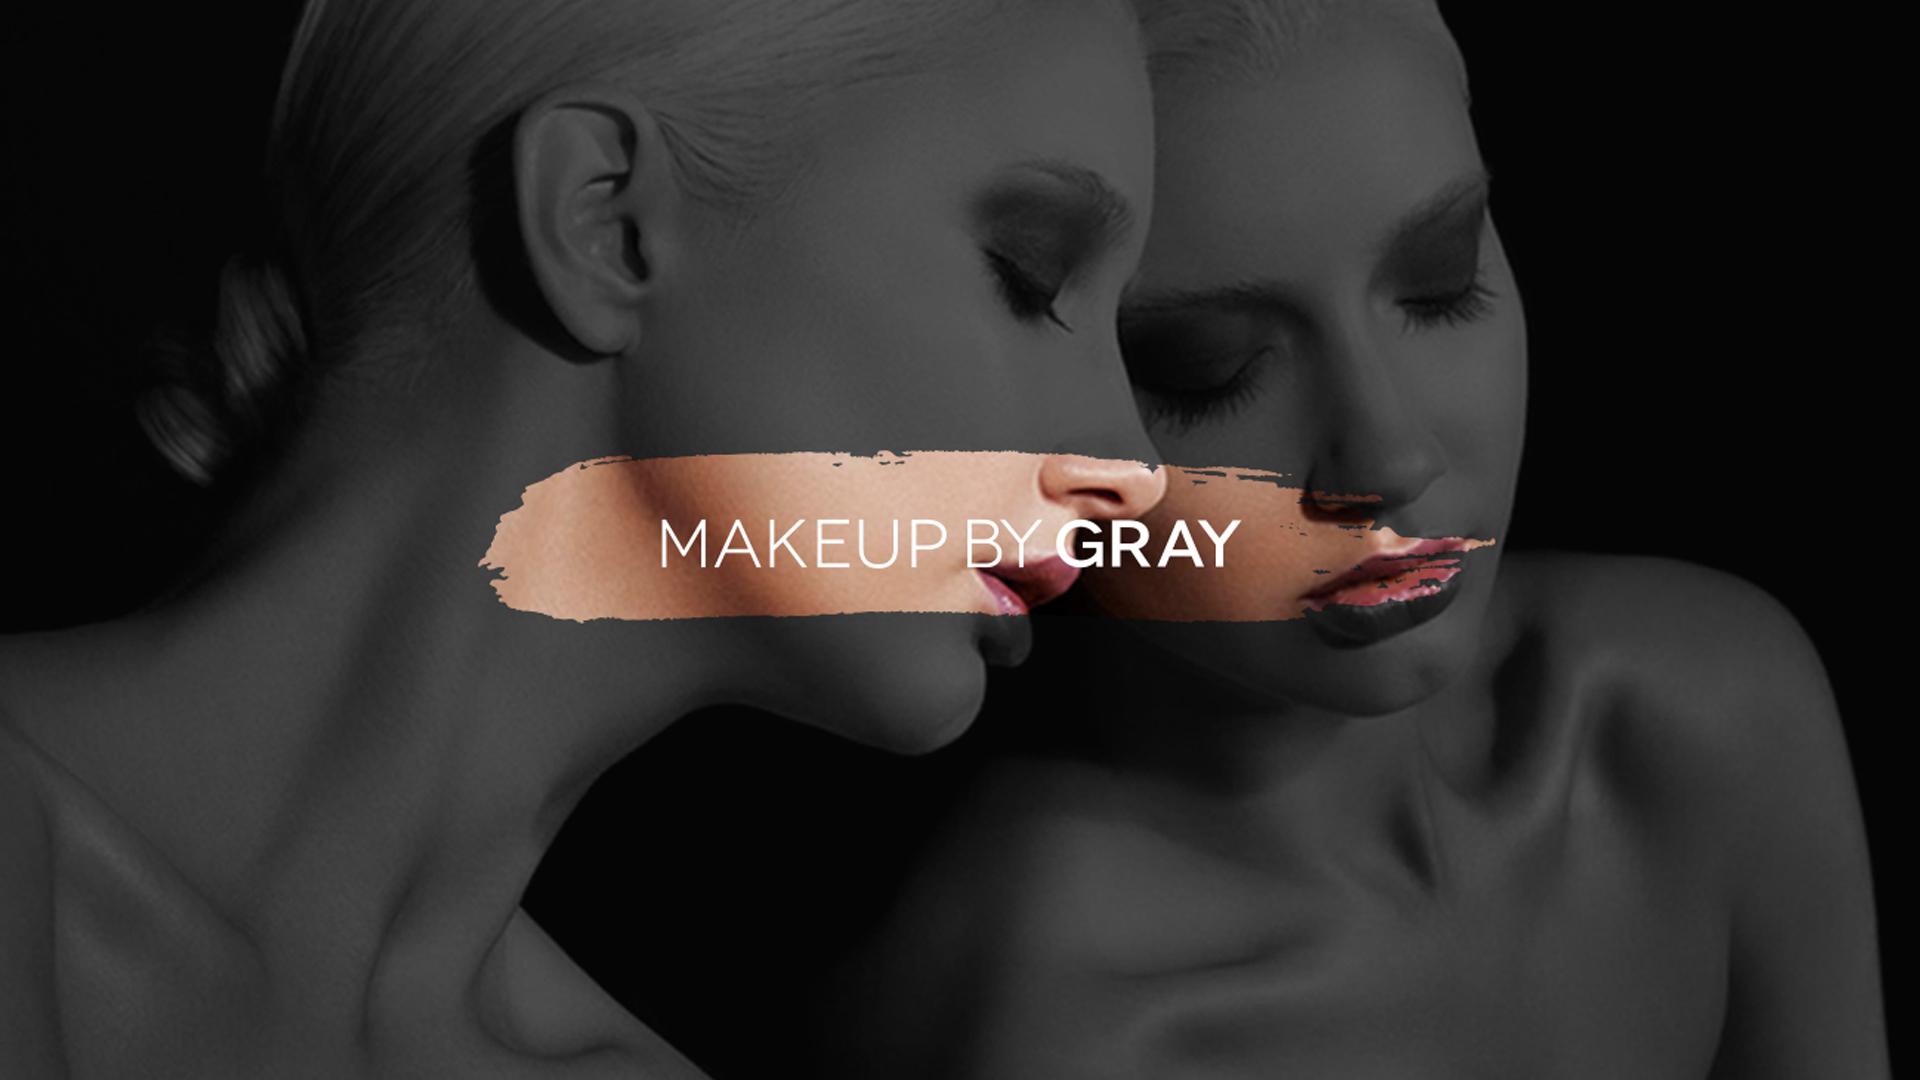 makeupbygray-logo